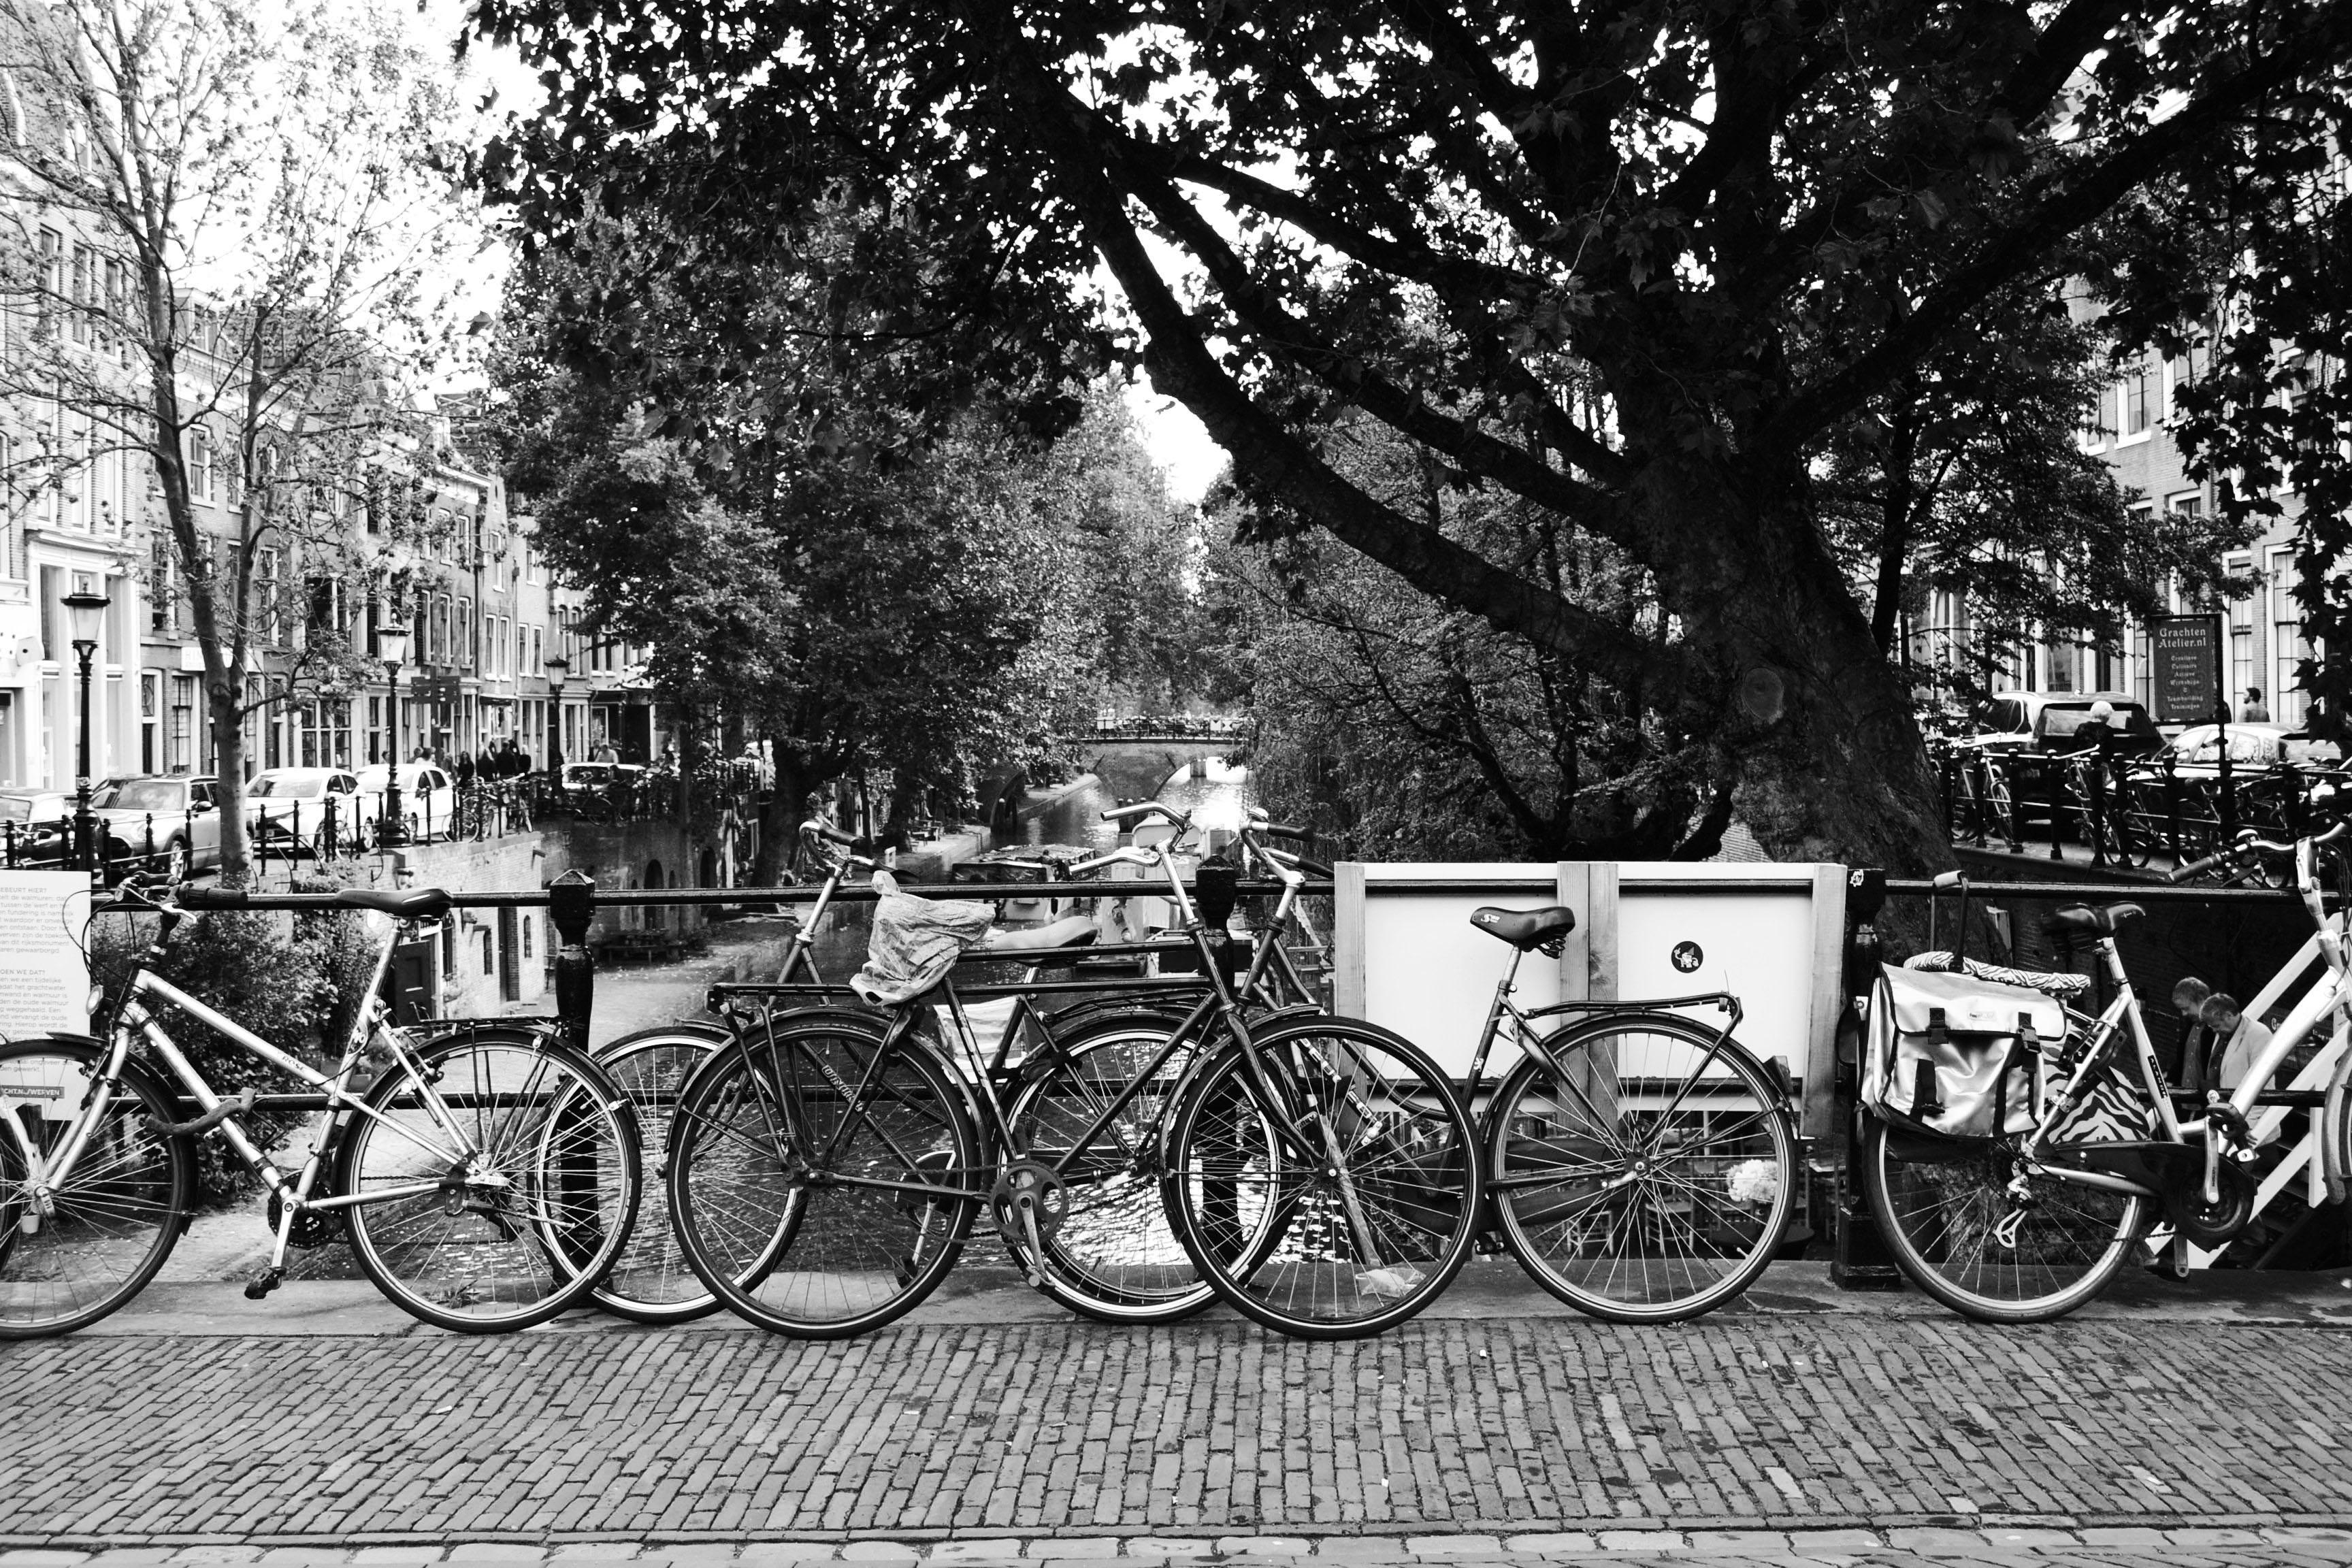 Vélos dans une ville des Pays-Bas